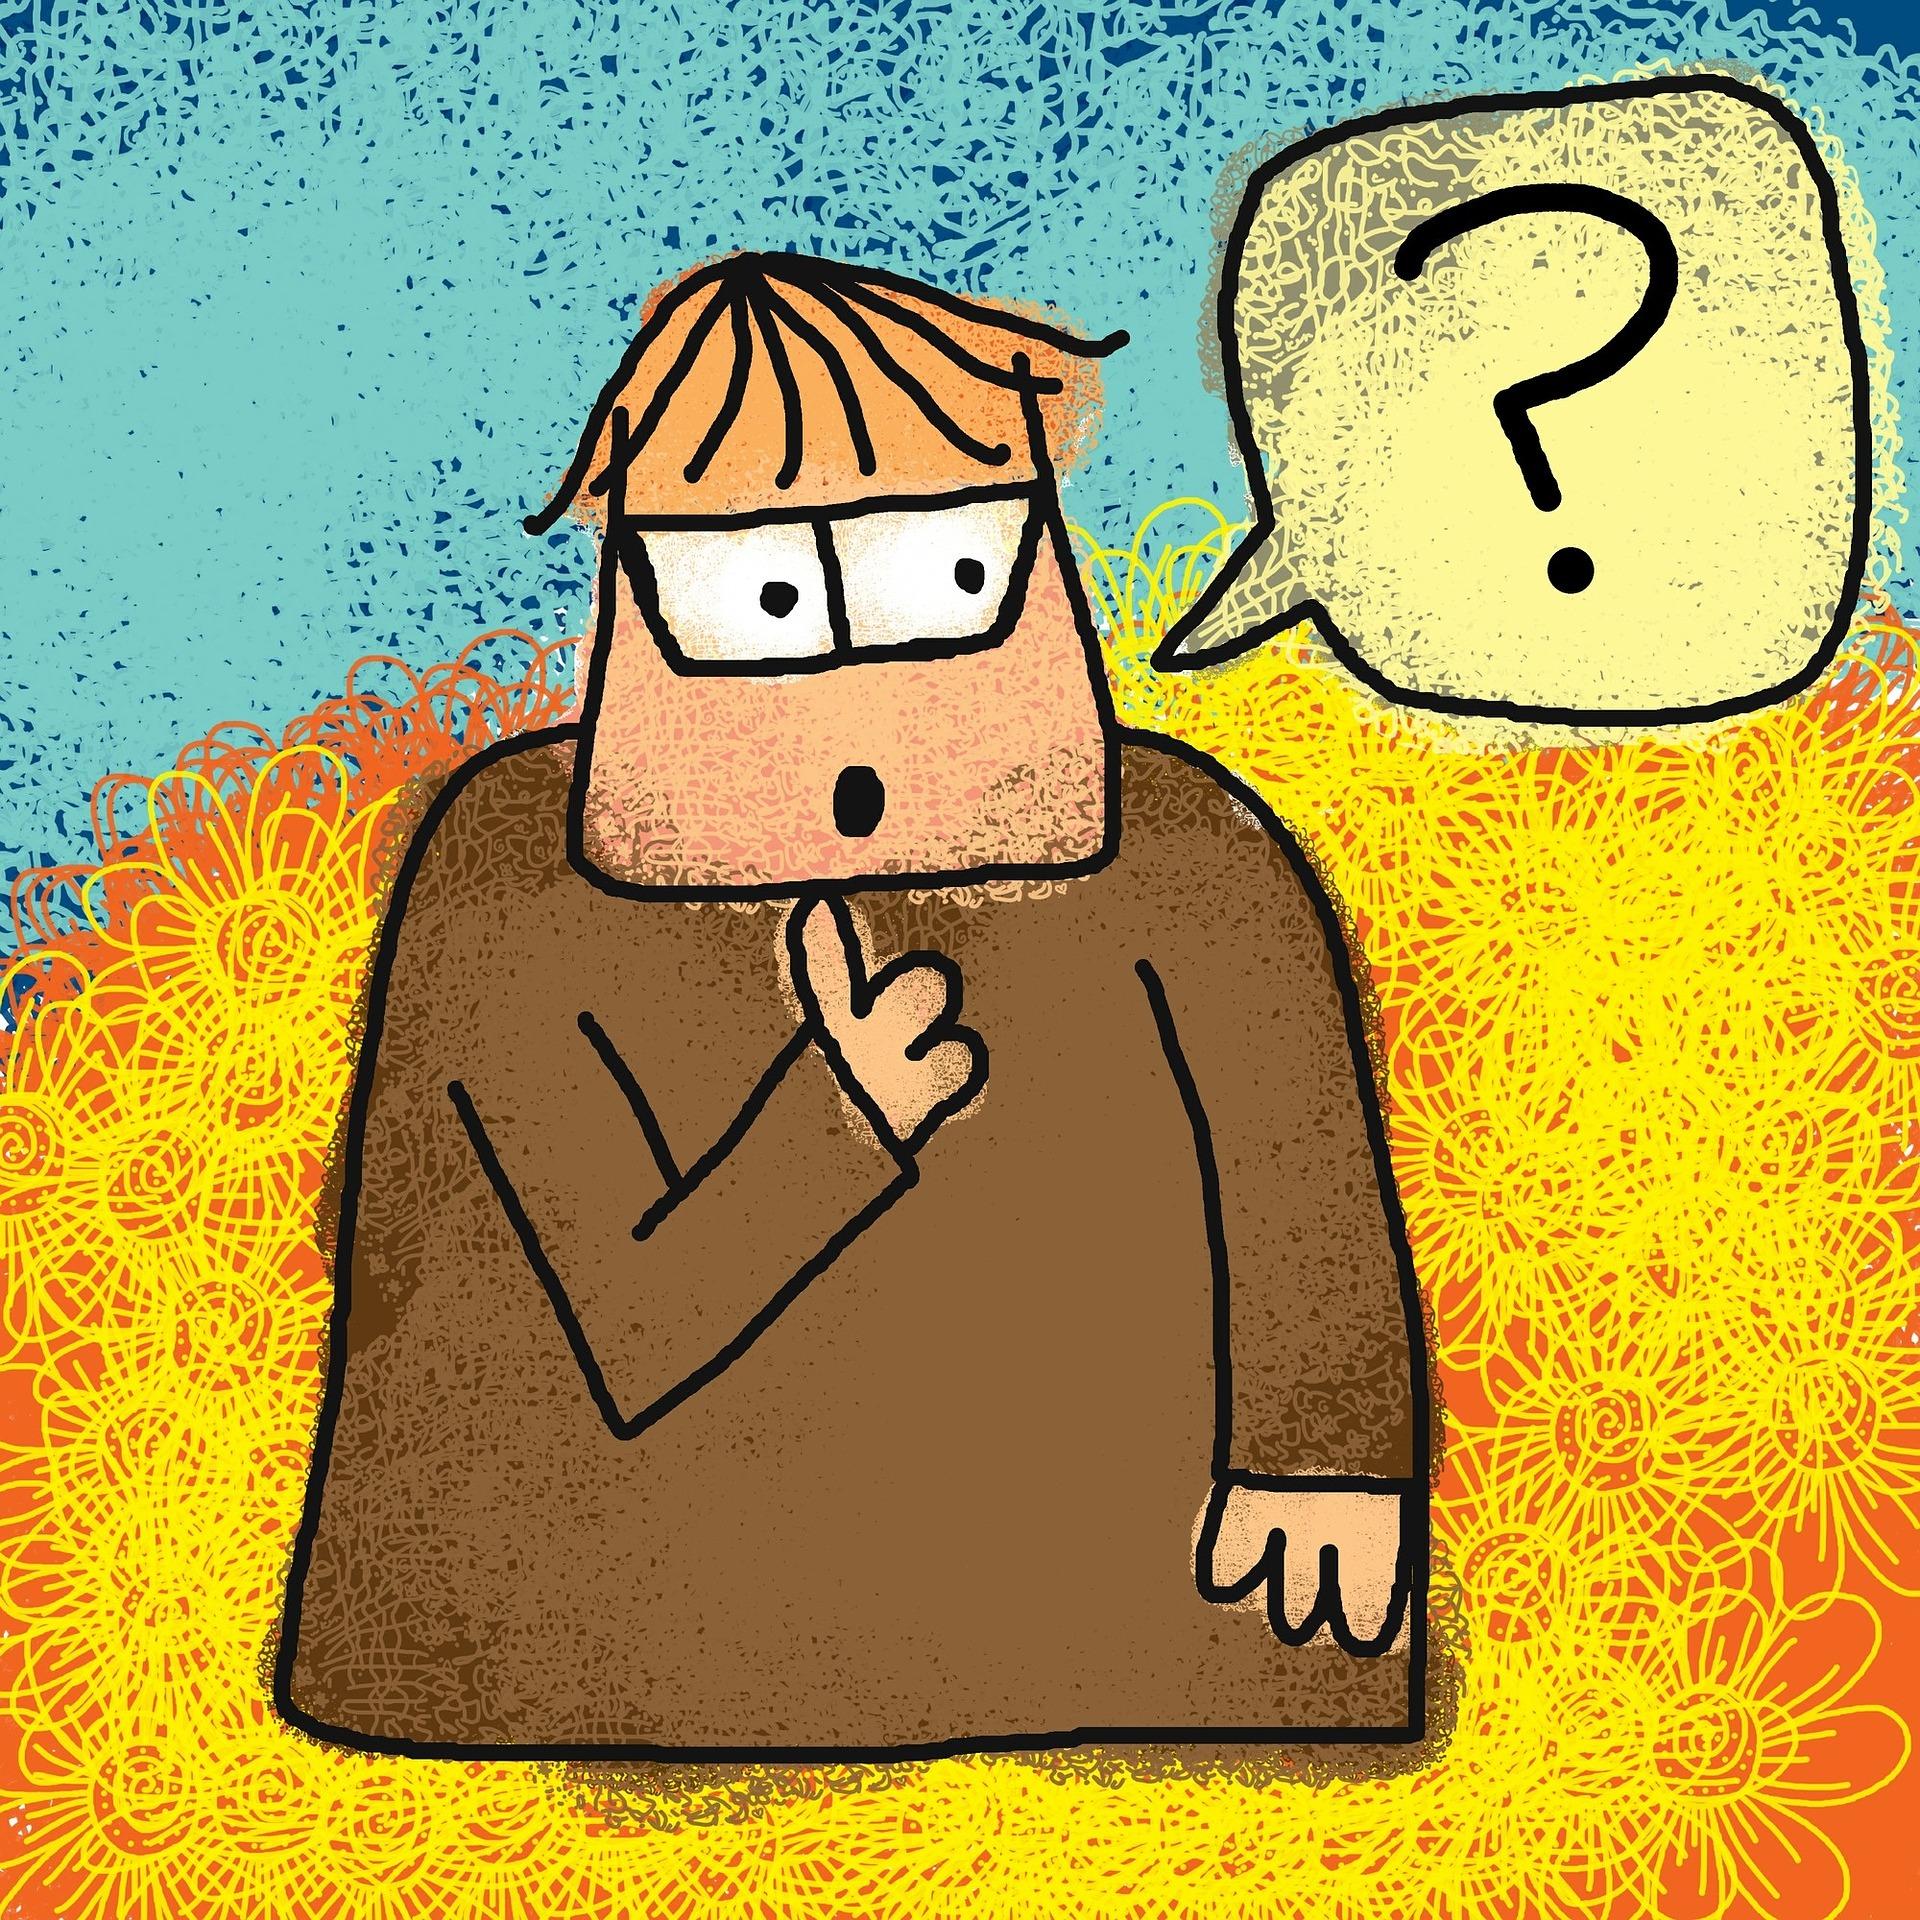 IELTSスピーキング対策「think」ばかり使っていませんか?